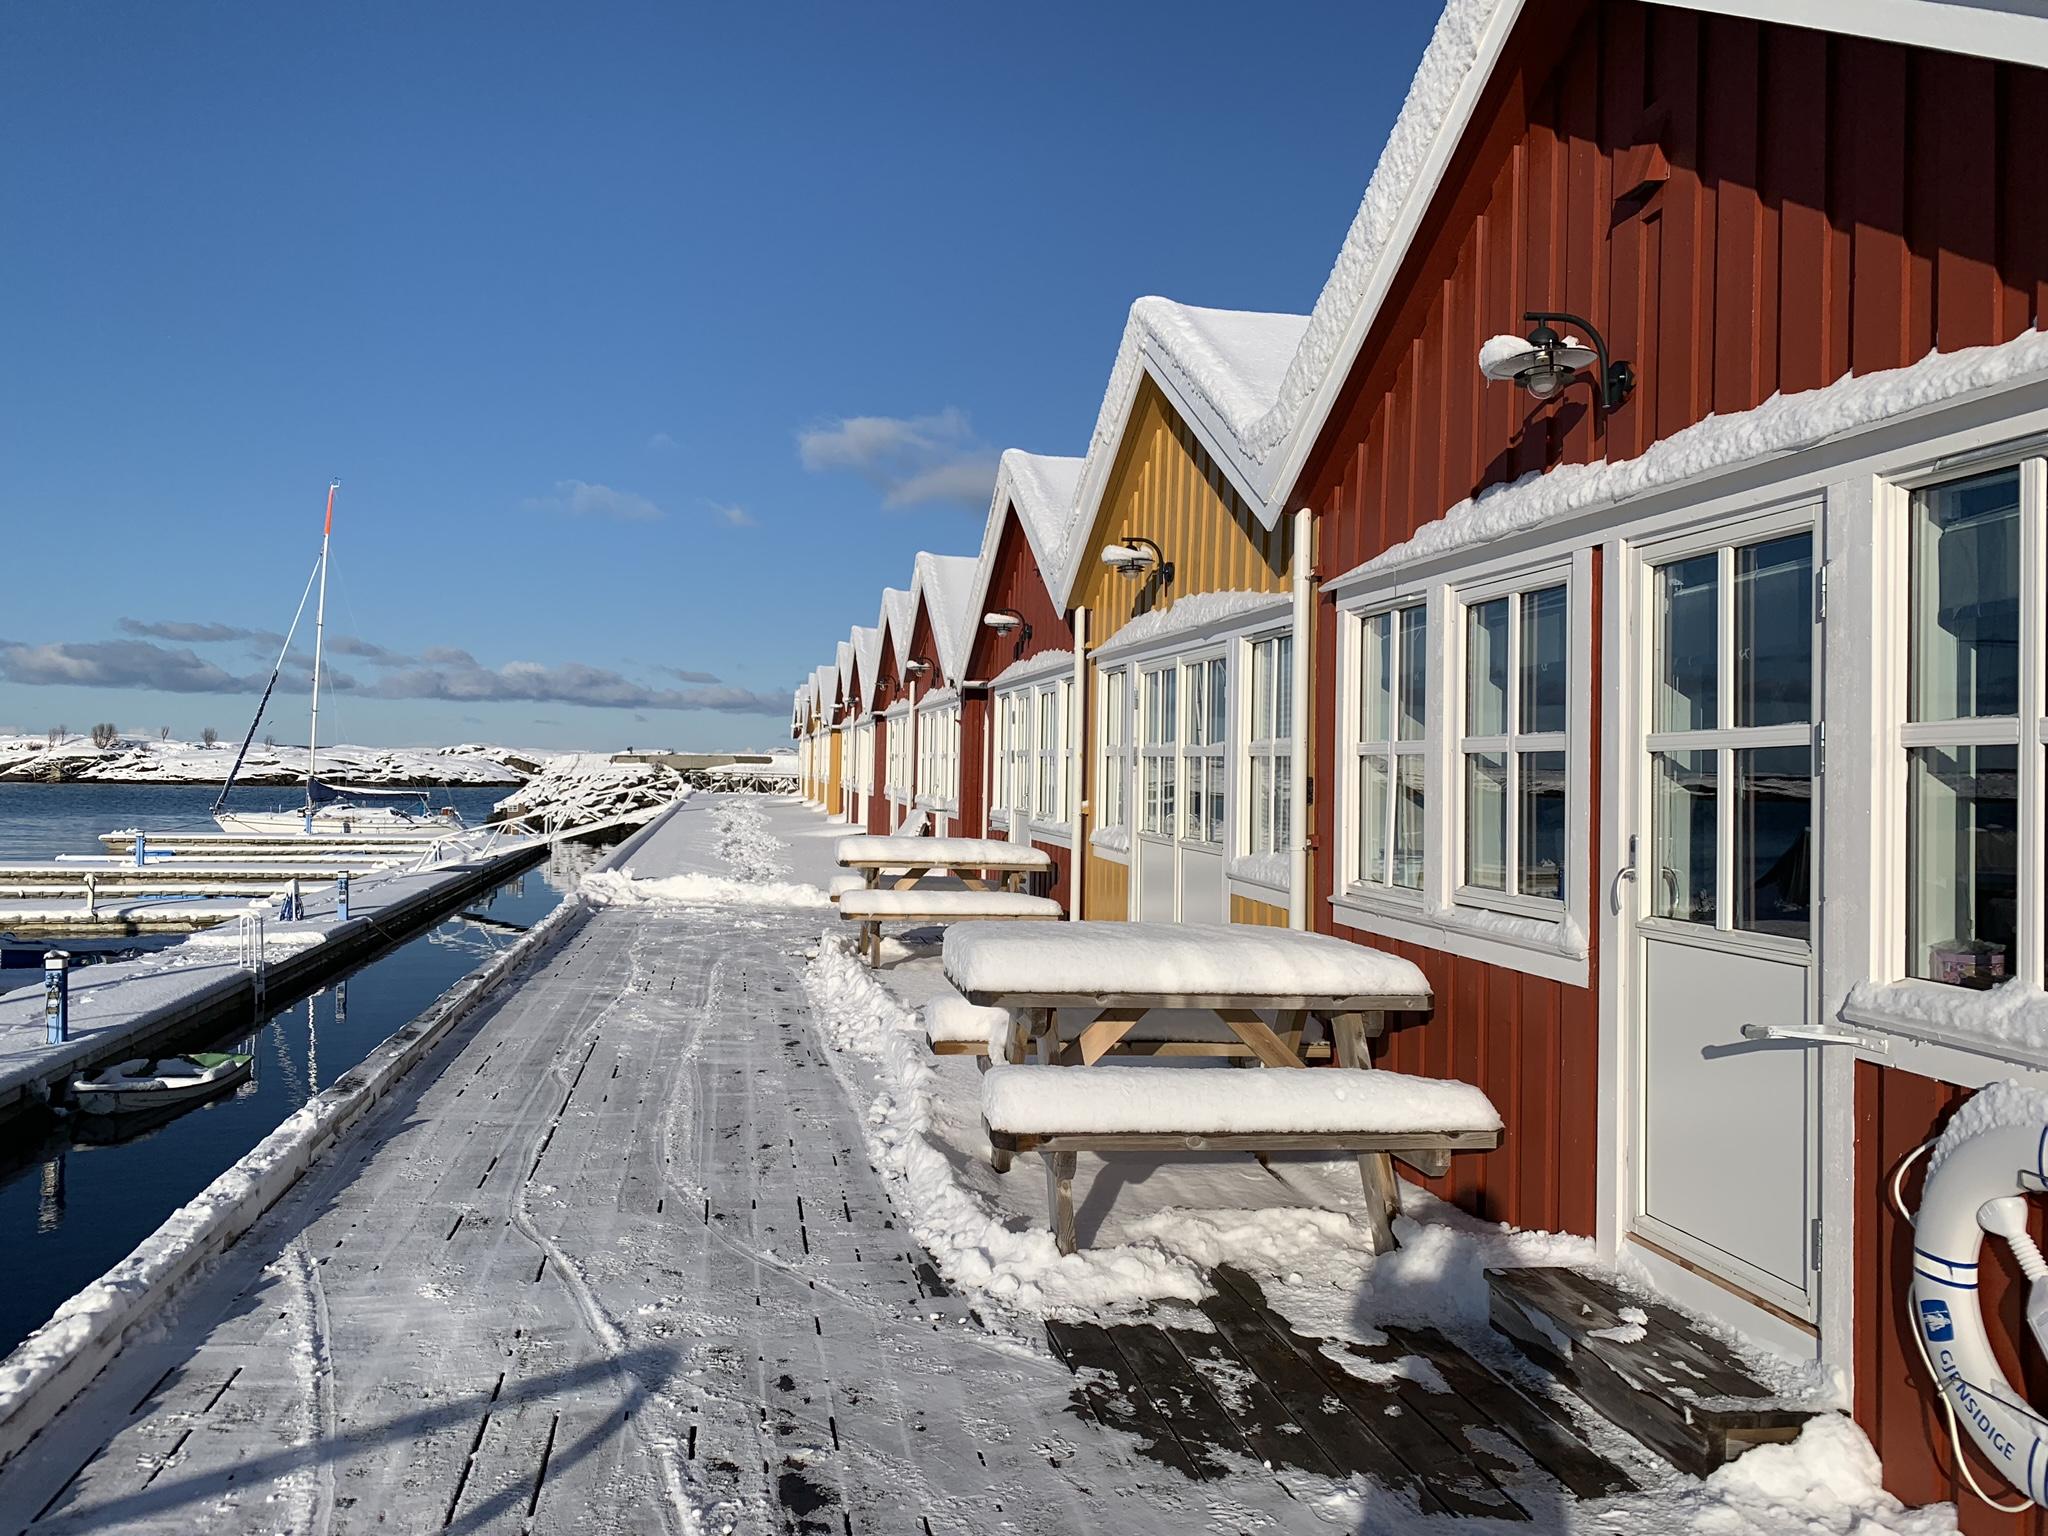 Cesta za polární září do Bodø